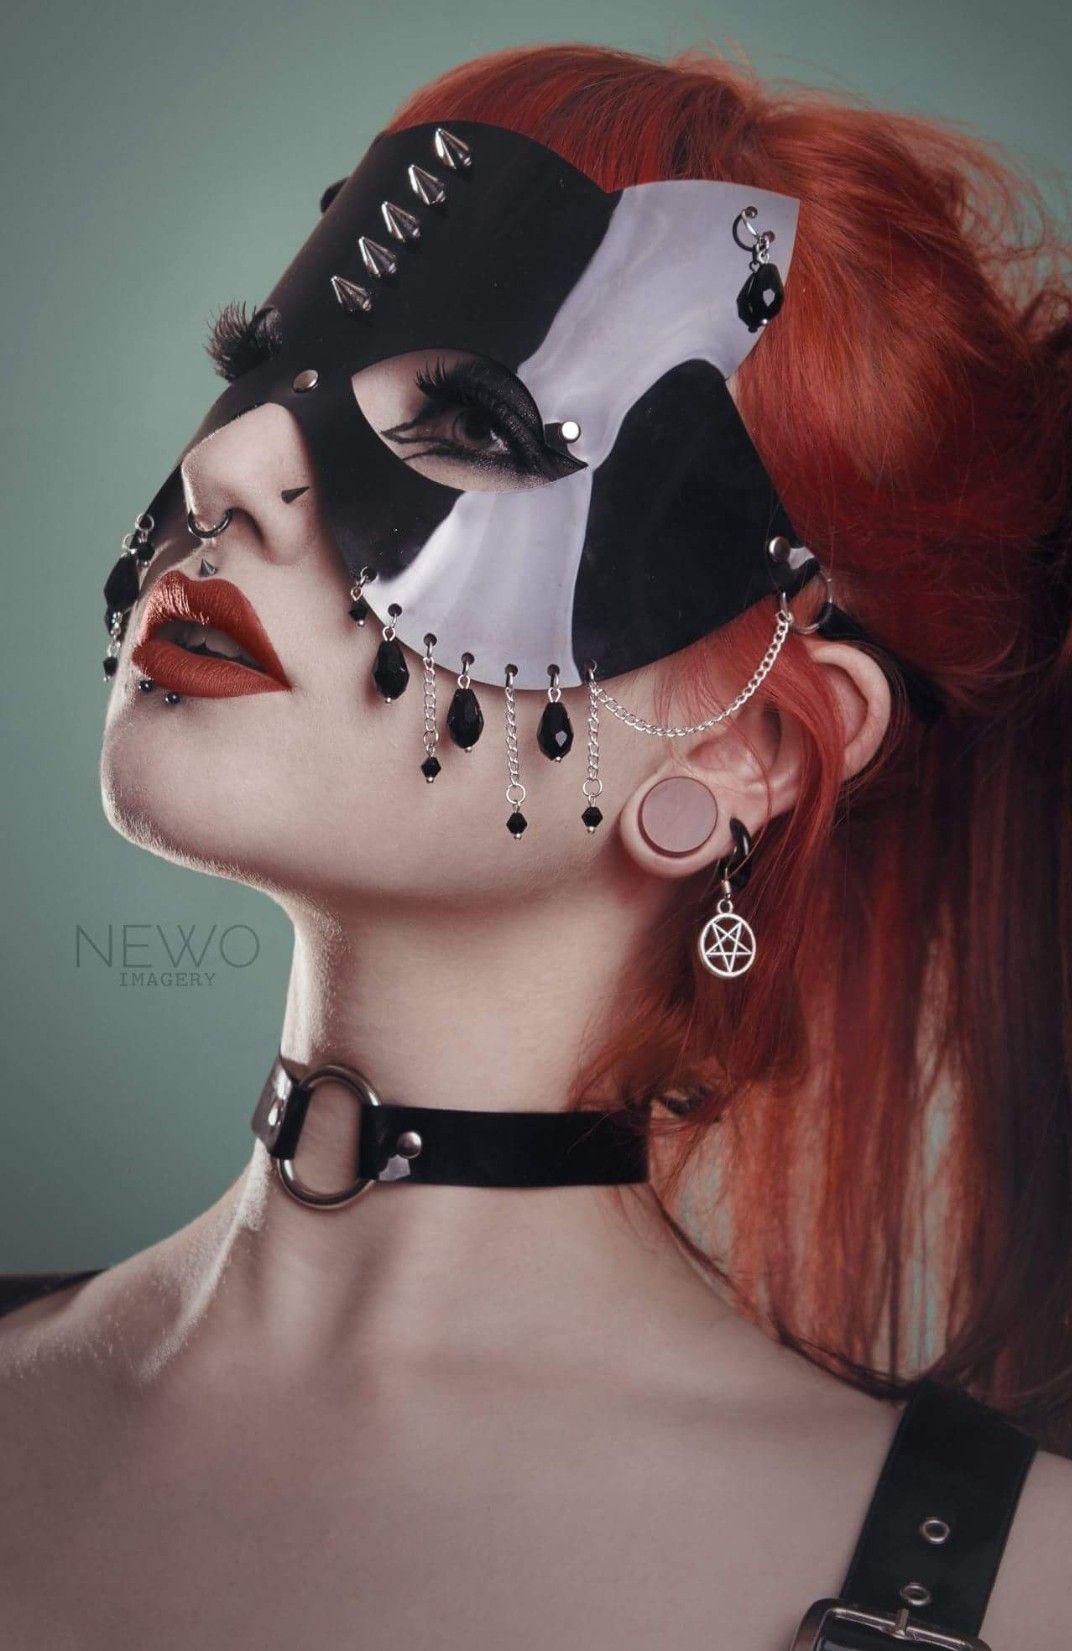 Mask by KatzLittleFactory Model Toxic Waist Black